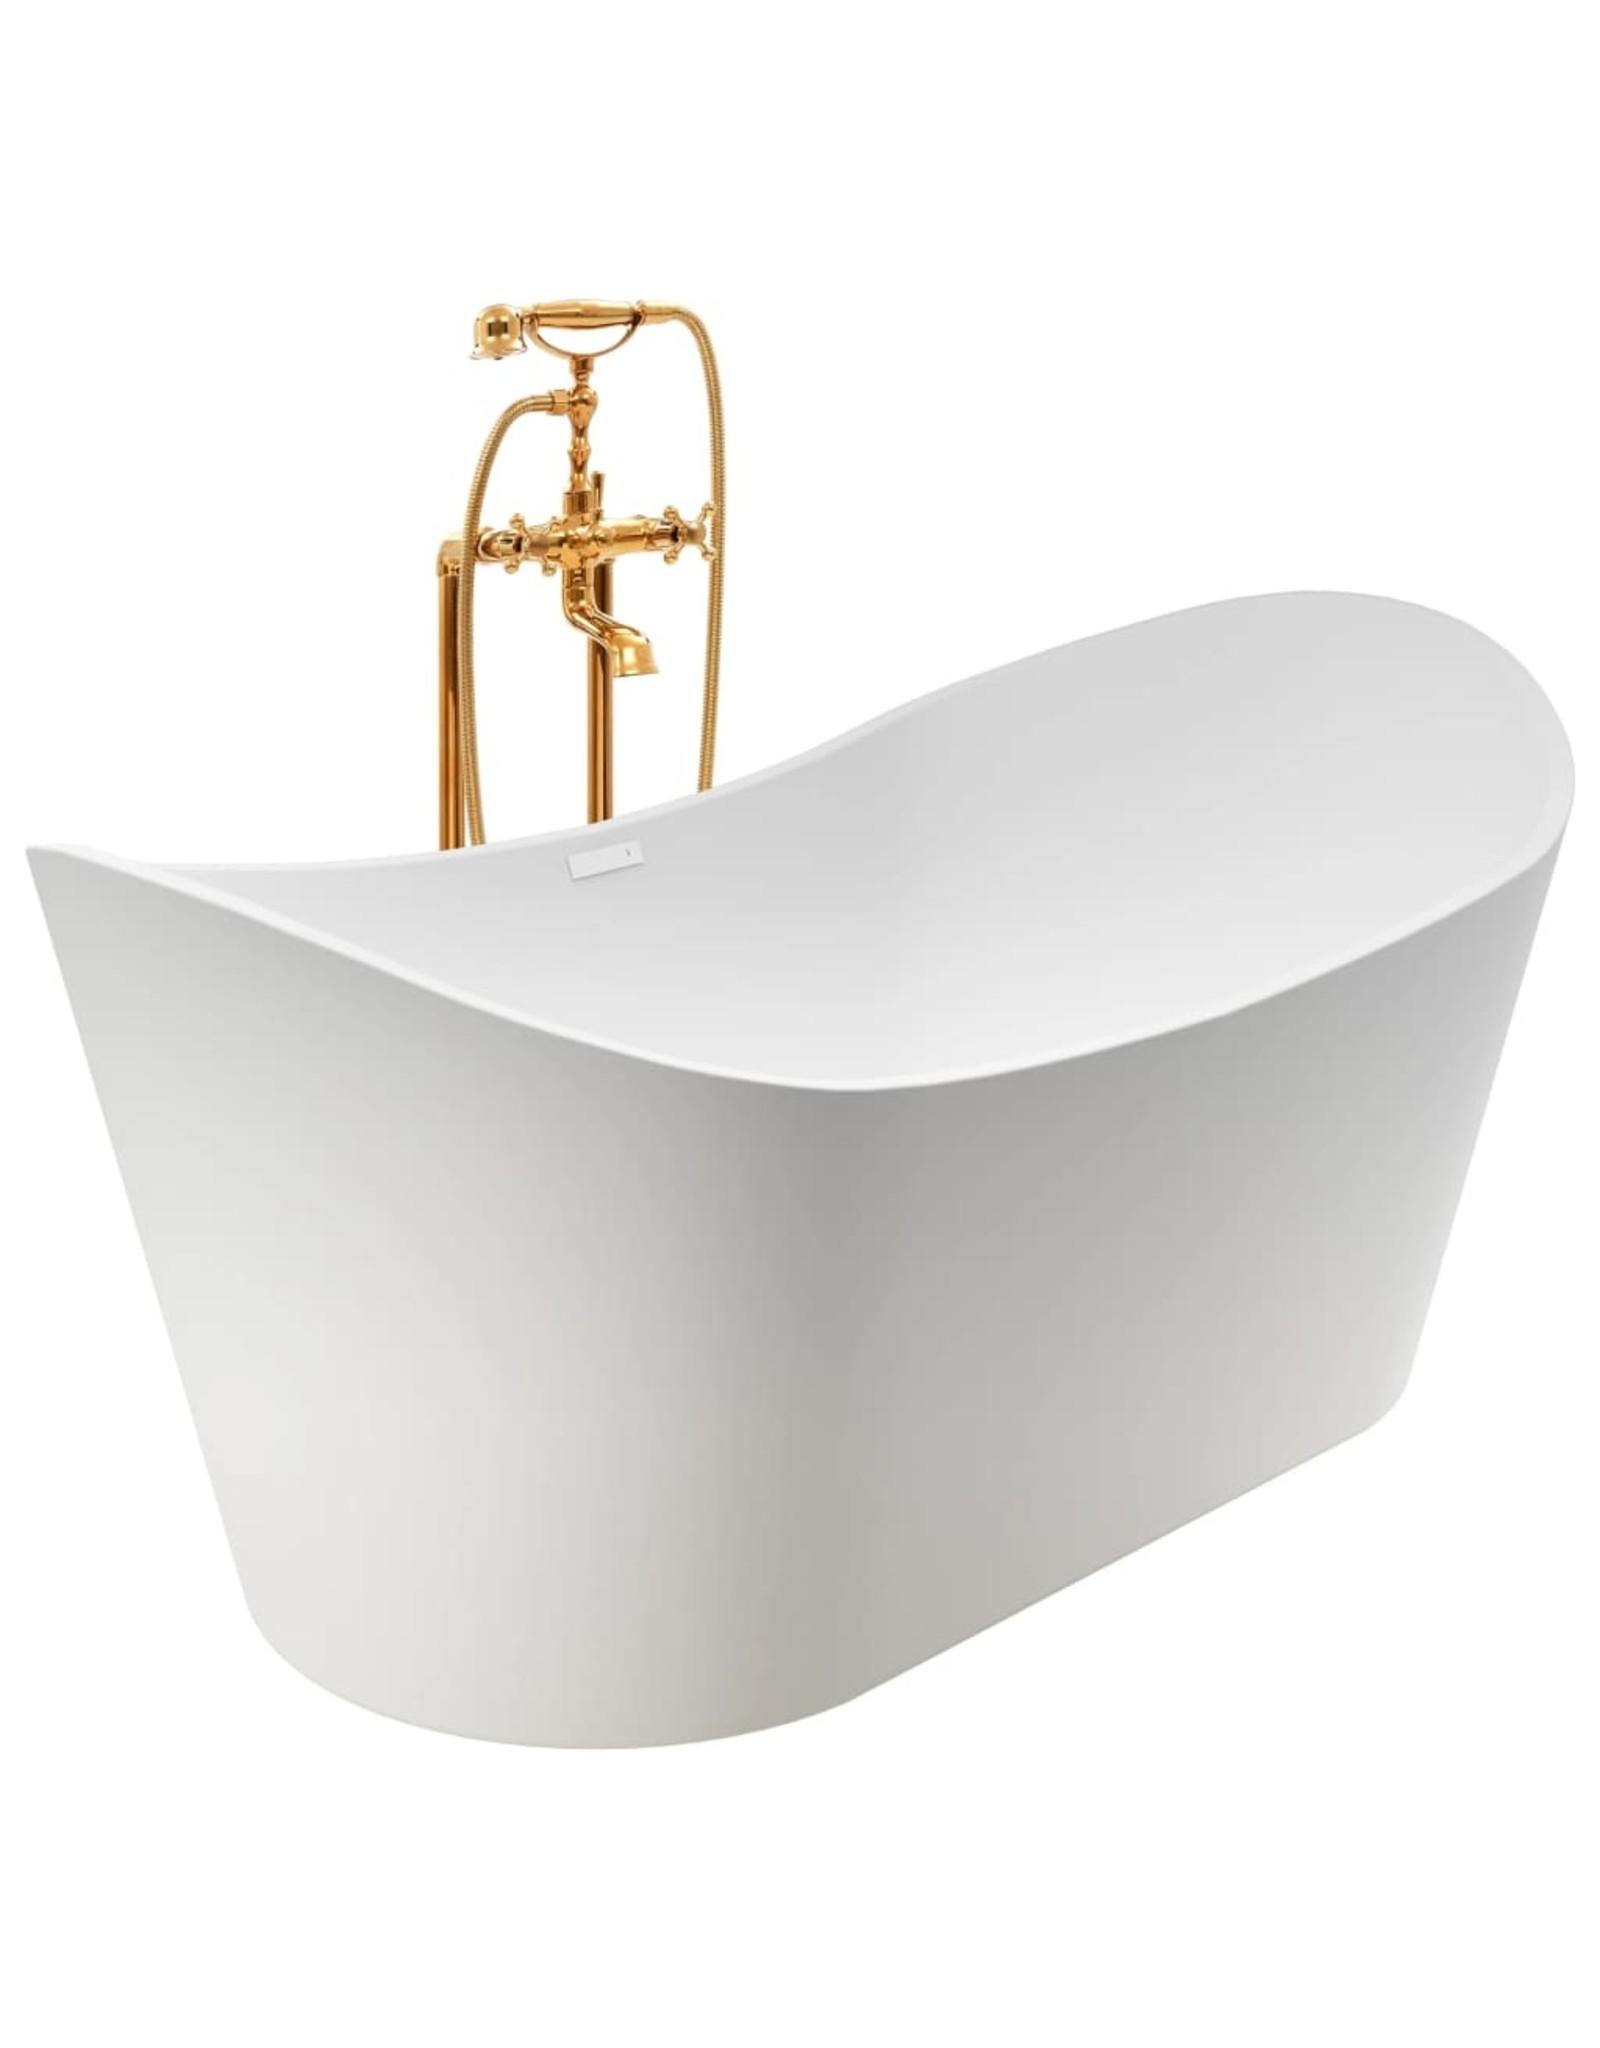 Badkuip vrijstaand met kraan 204 L 99,5 cm goudkleurig